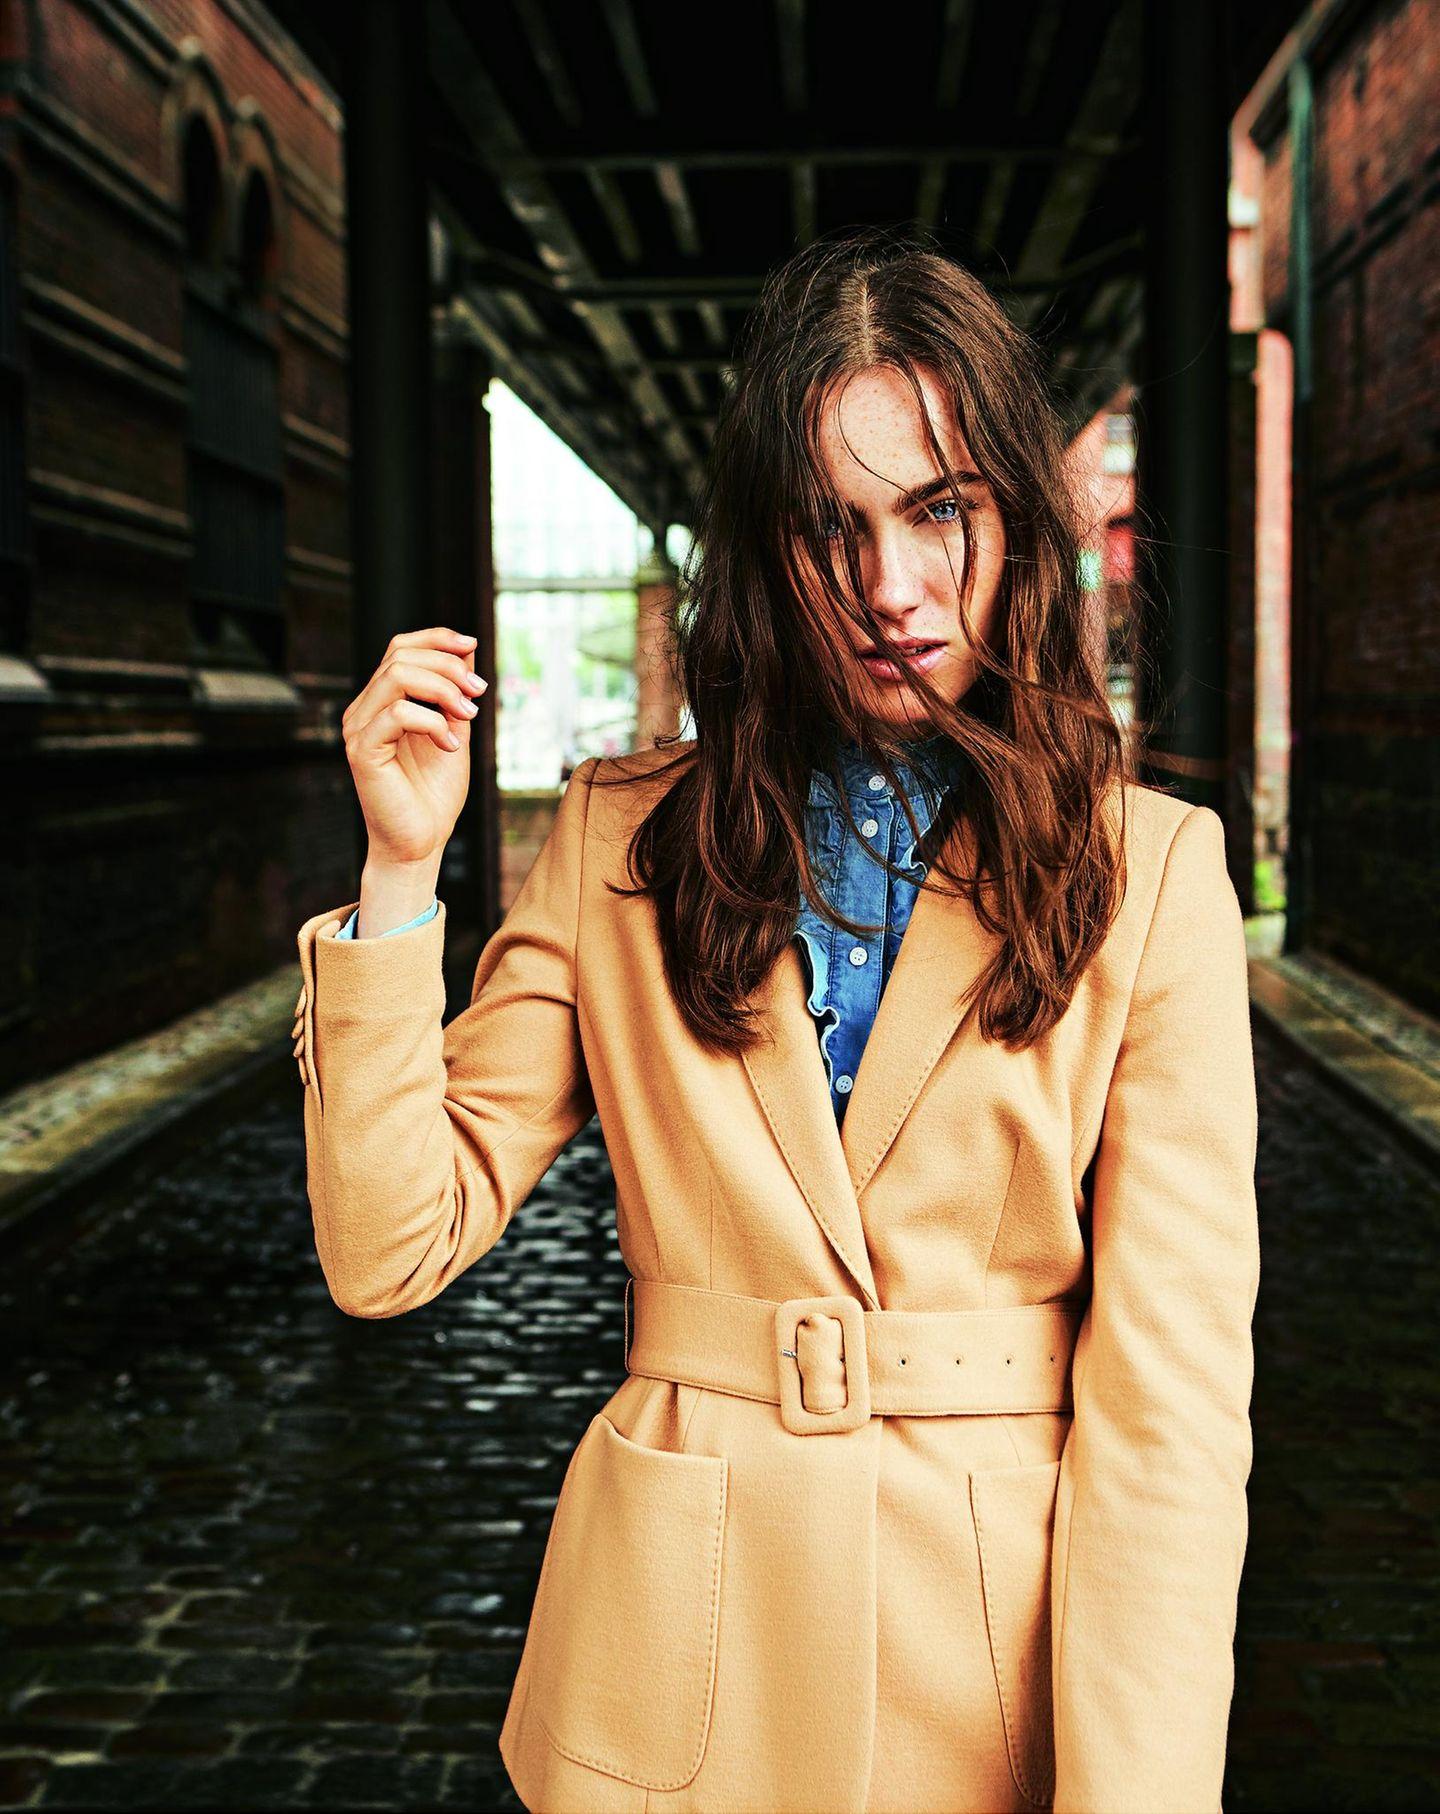 Pariser Chic - zurück zur Eleganz!: gebundener Blazer mit aufgesetzten Taschen über blauer Bluse